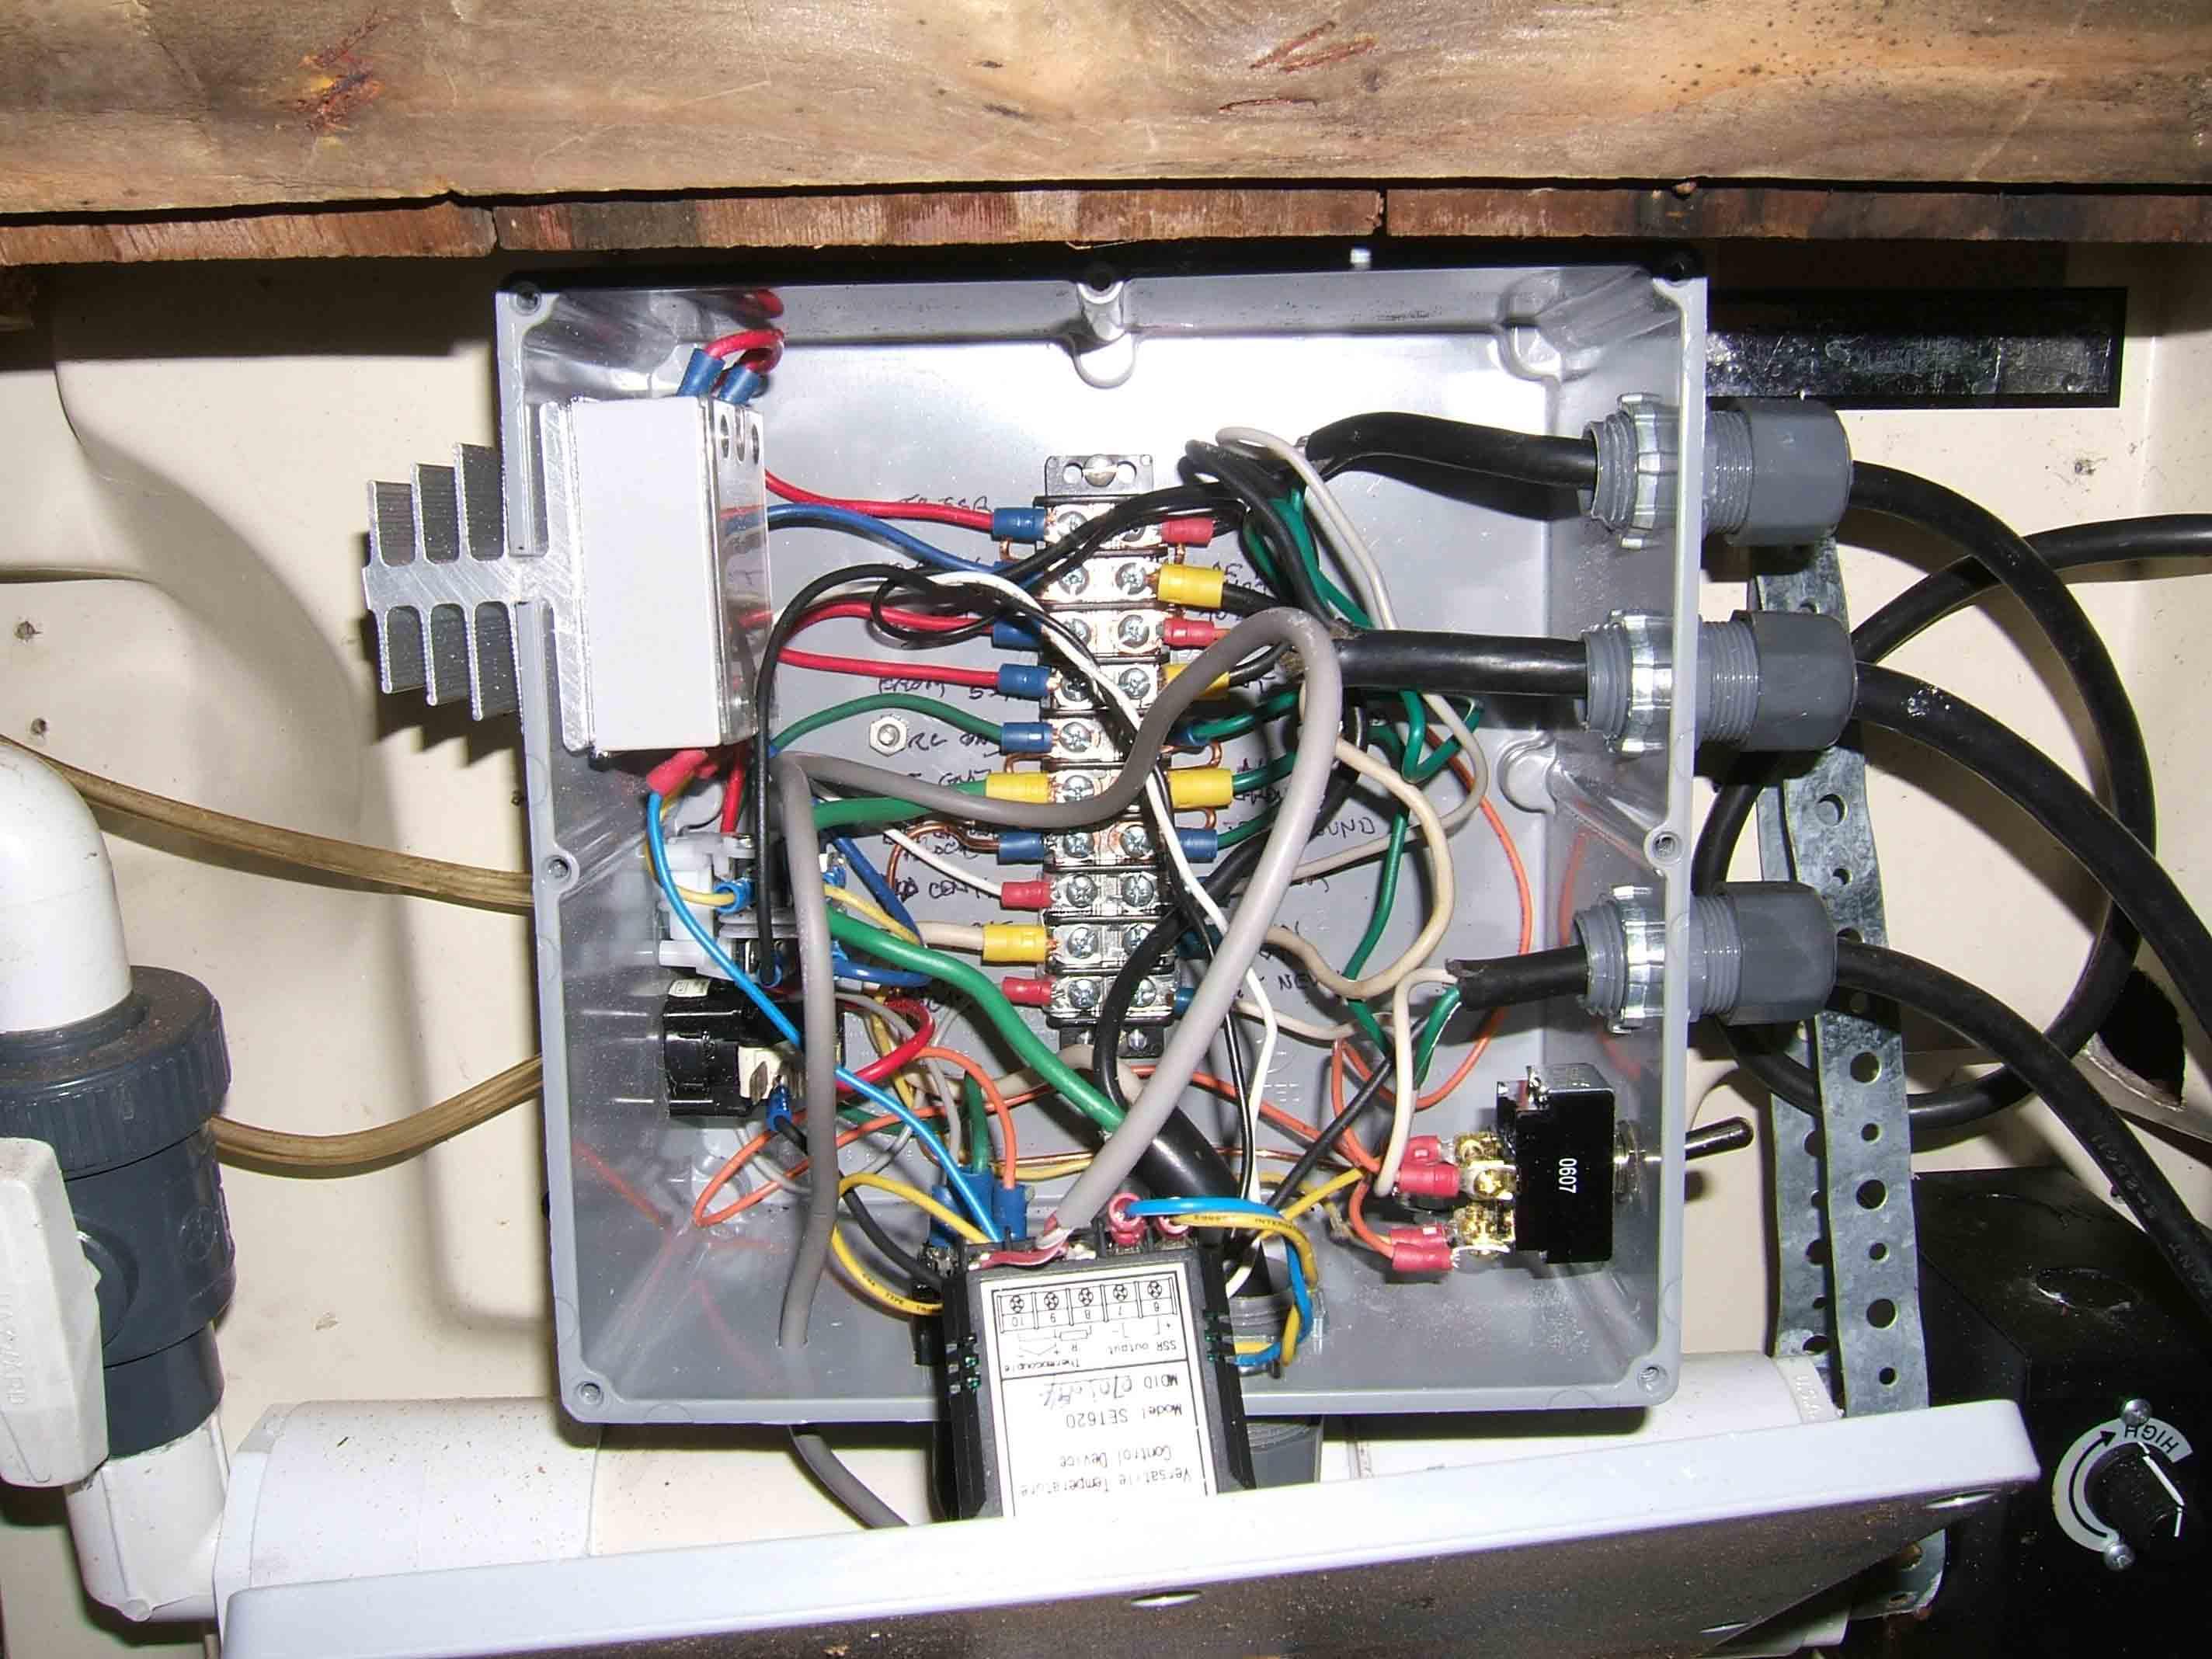 Fancy Sundance Hot Tub Wiring Diagram Embellishment - Wiring Diagram ...